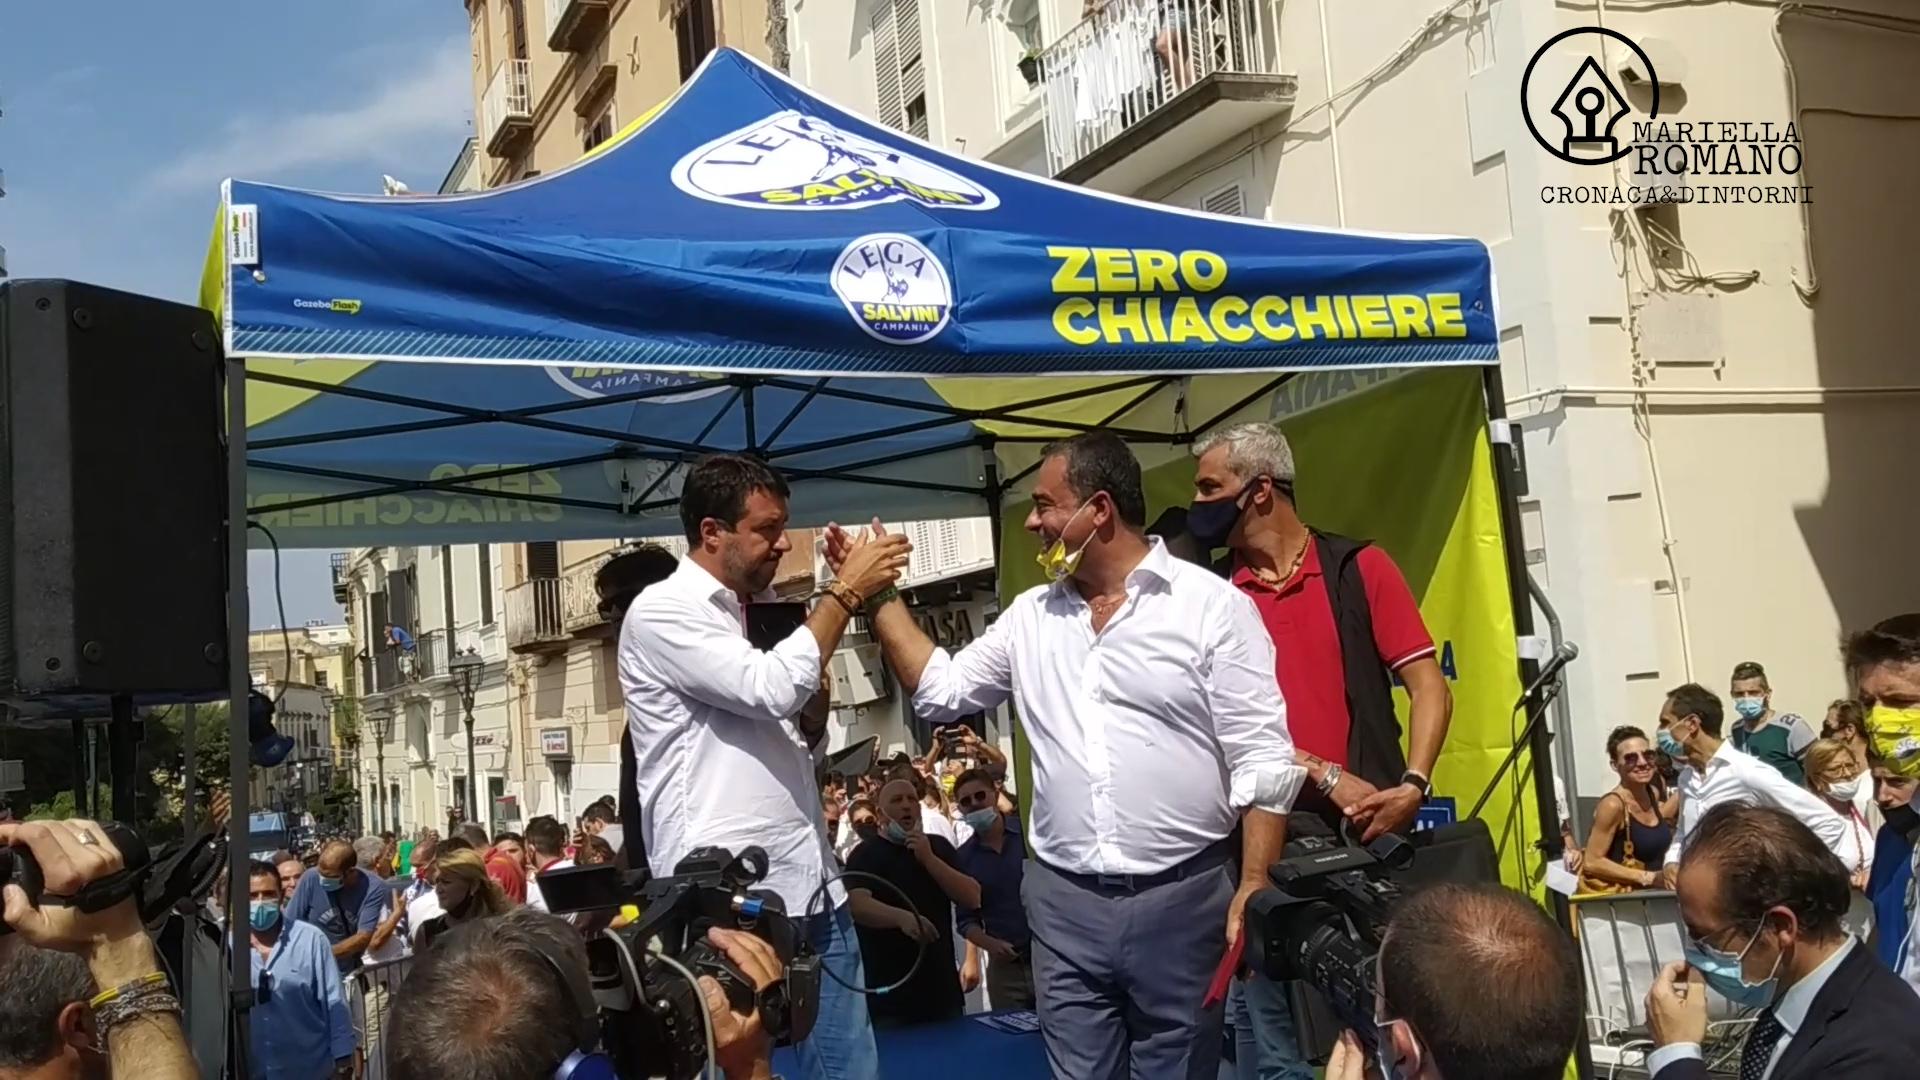 """I leghisti in aiuto del sindaco: """"Pronti a dare contributo, città ostaggio dei bulli"""""""